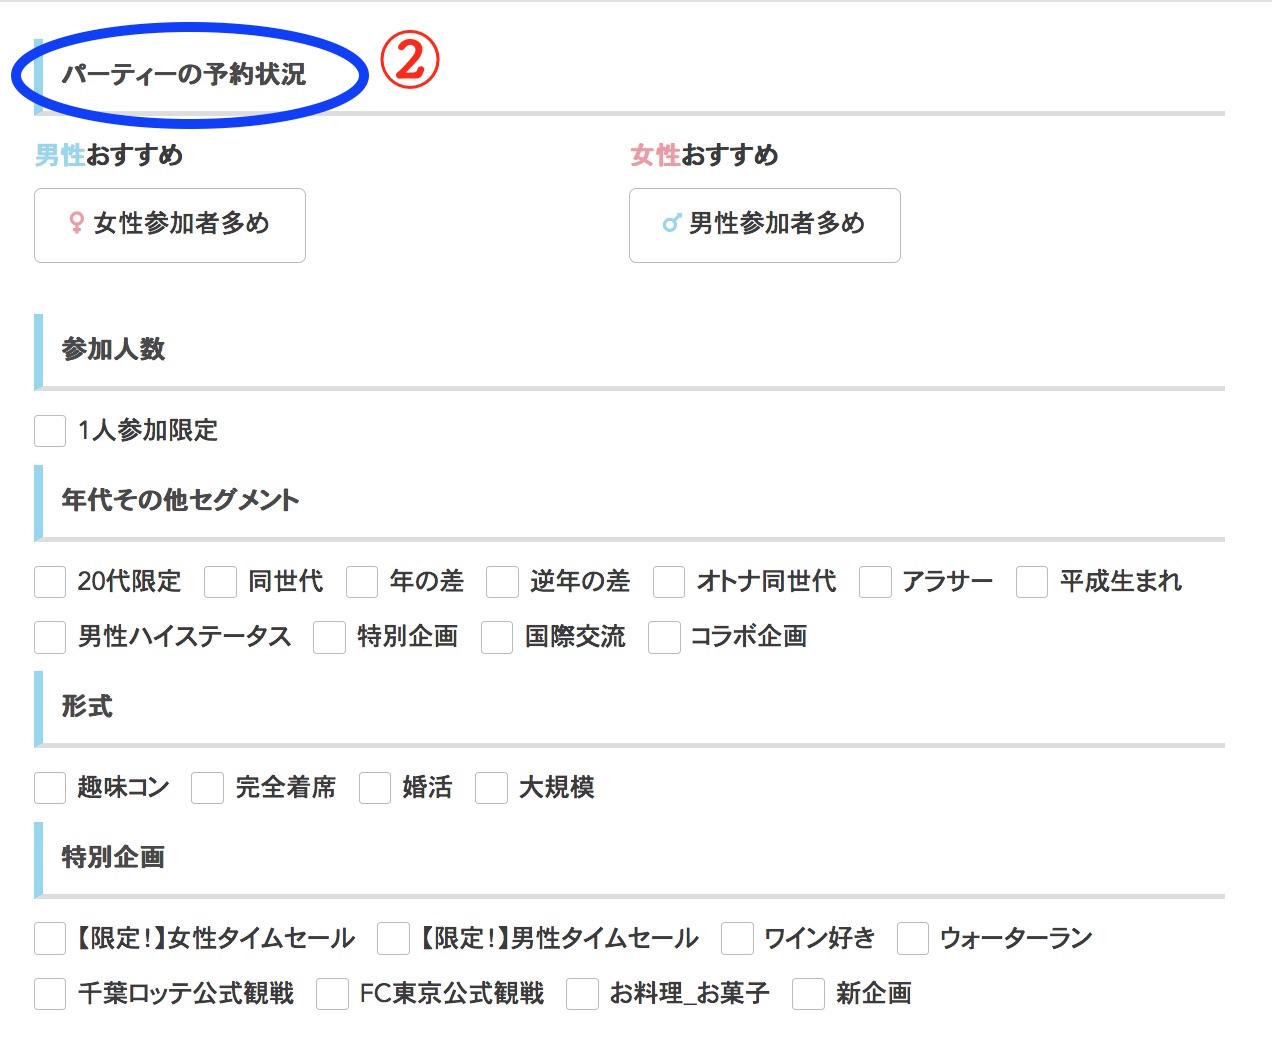 大阪のバツイチに便利な婚活パーティー検索方法-2大阪のバツイチに便利な婚活パーティー検索方法-2